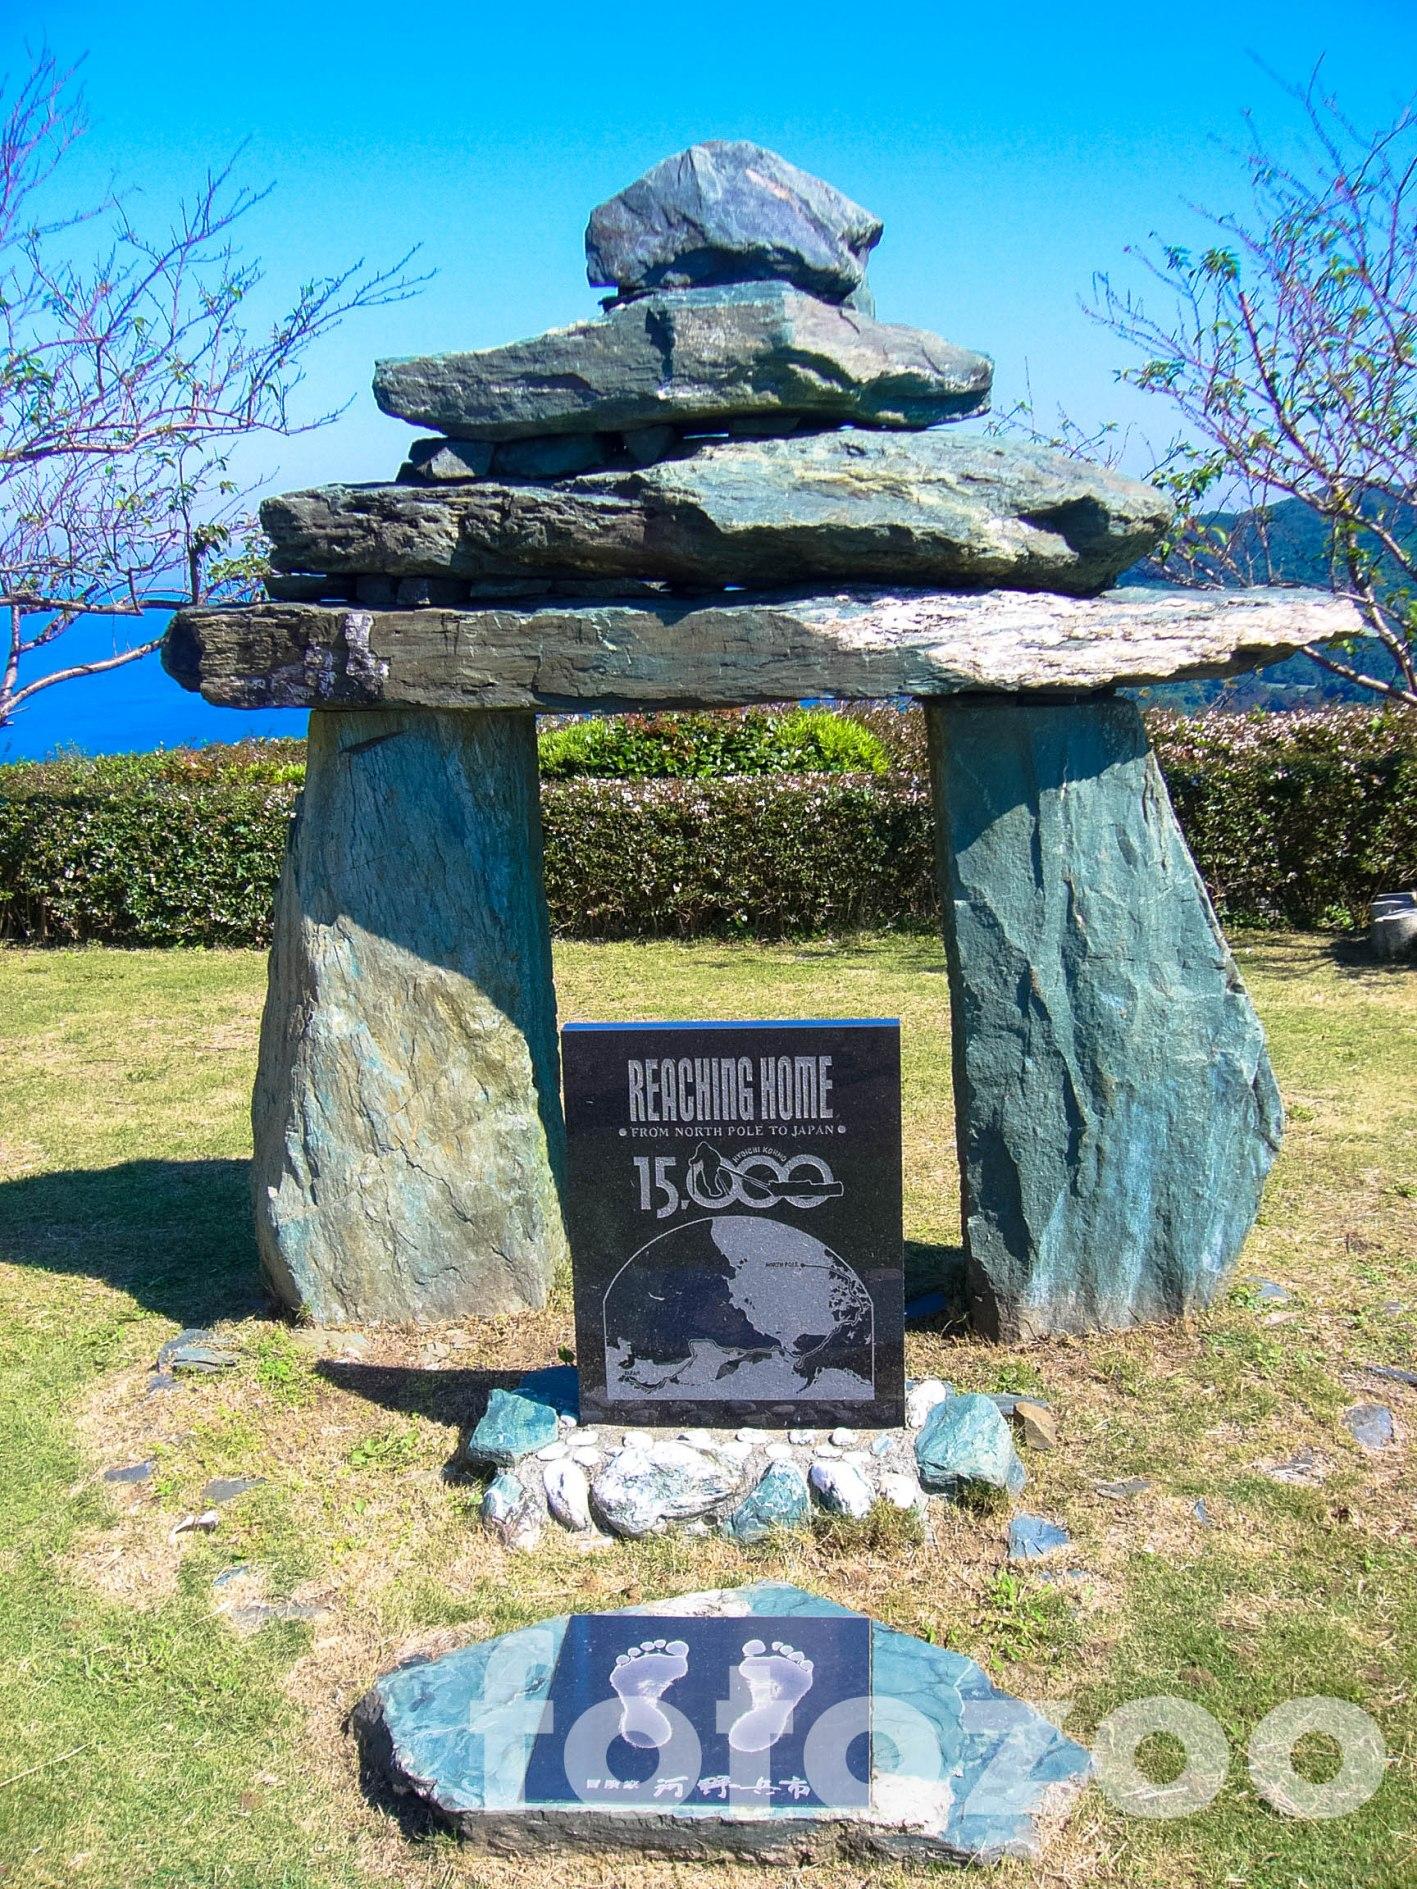 Ezen a félszigeten állítottak emléket Hyoichi Kohno-nak, aki életét veszítette az Északi-sarkról induló gyalogtúrája során.